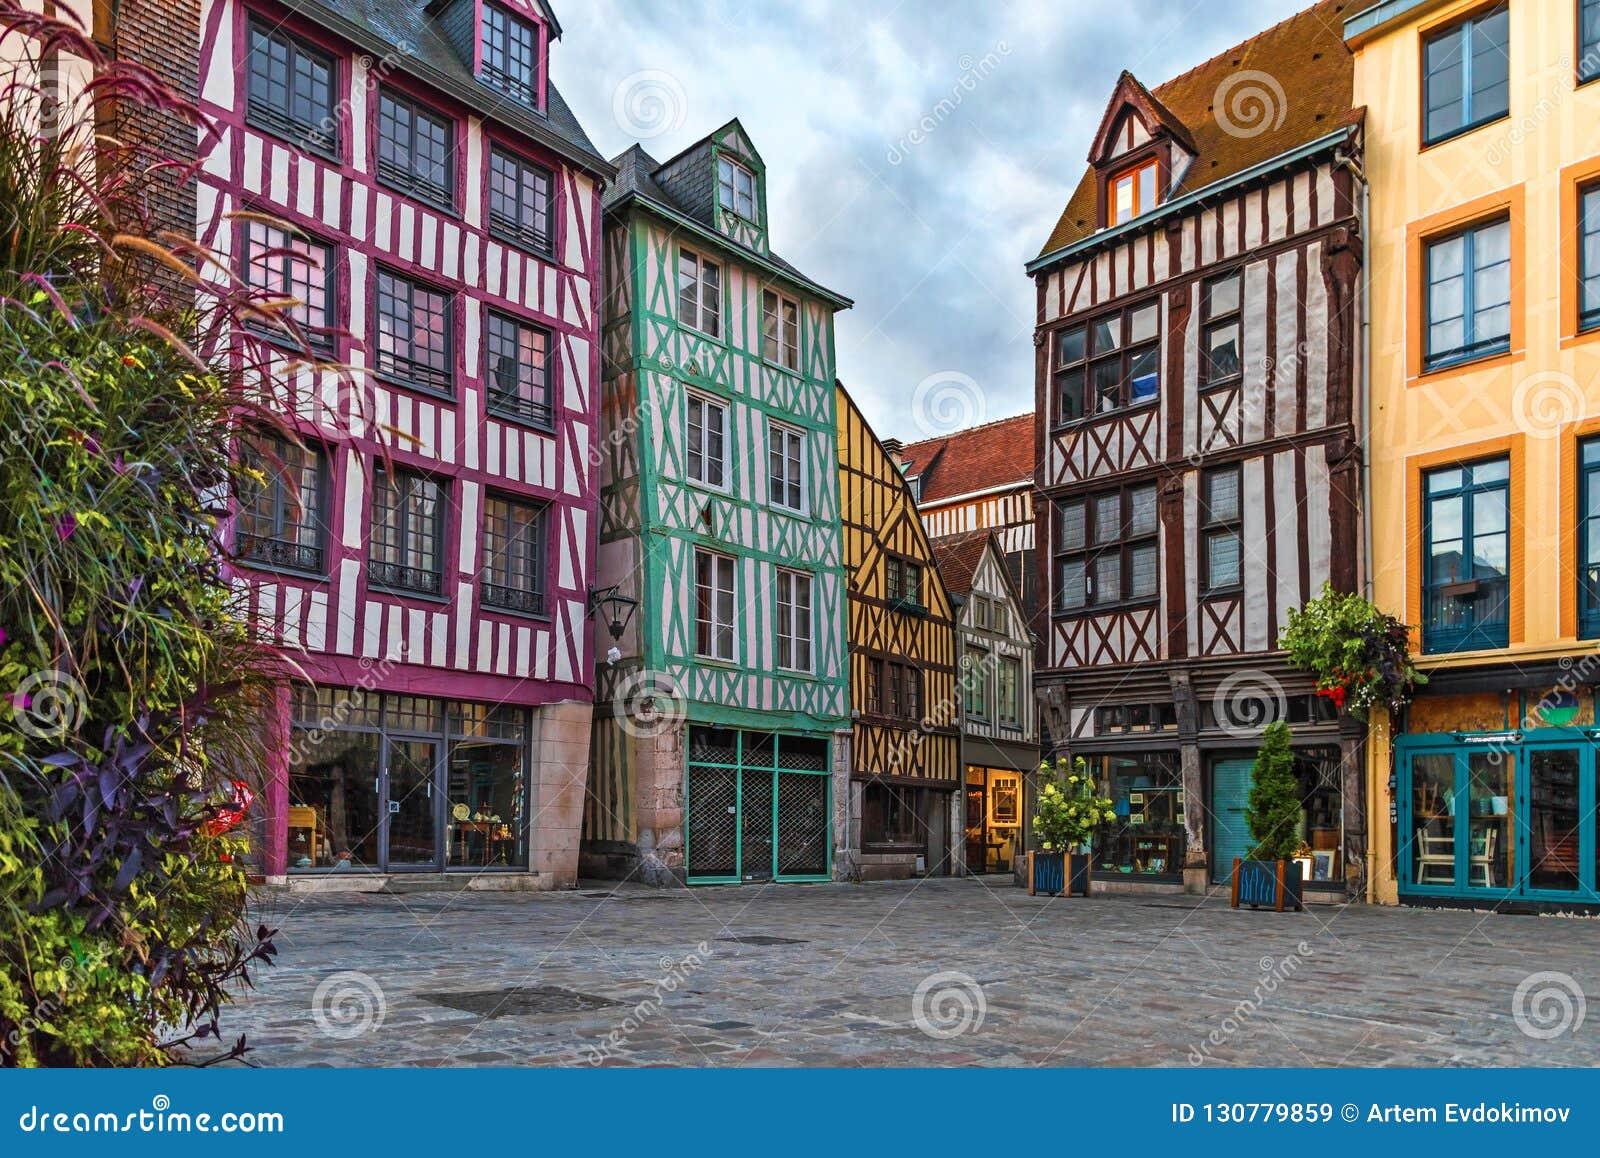 Mittelalterliches Quadrat mit typischen Häusern in der alten Stadt von Rouen, Normandie, Frankreich